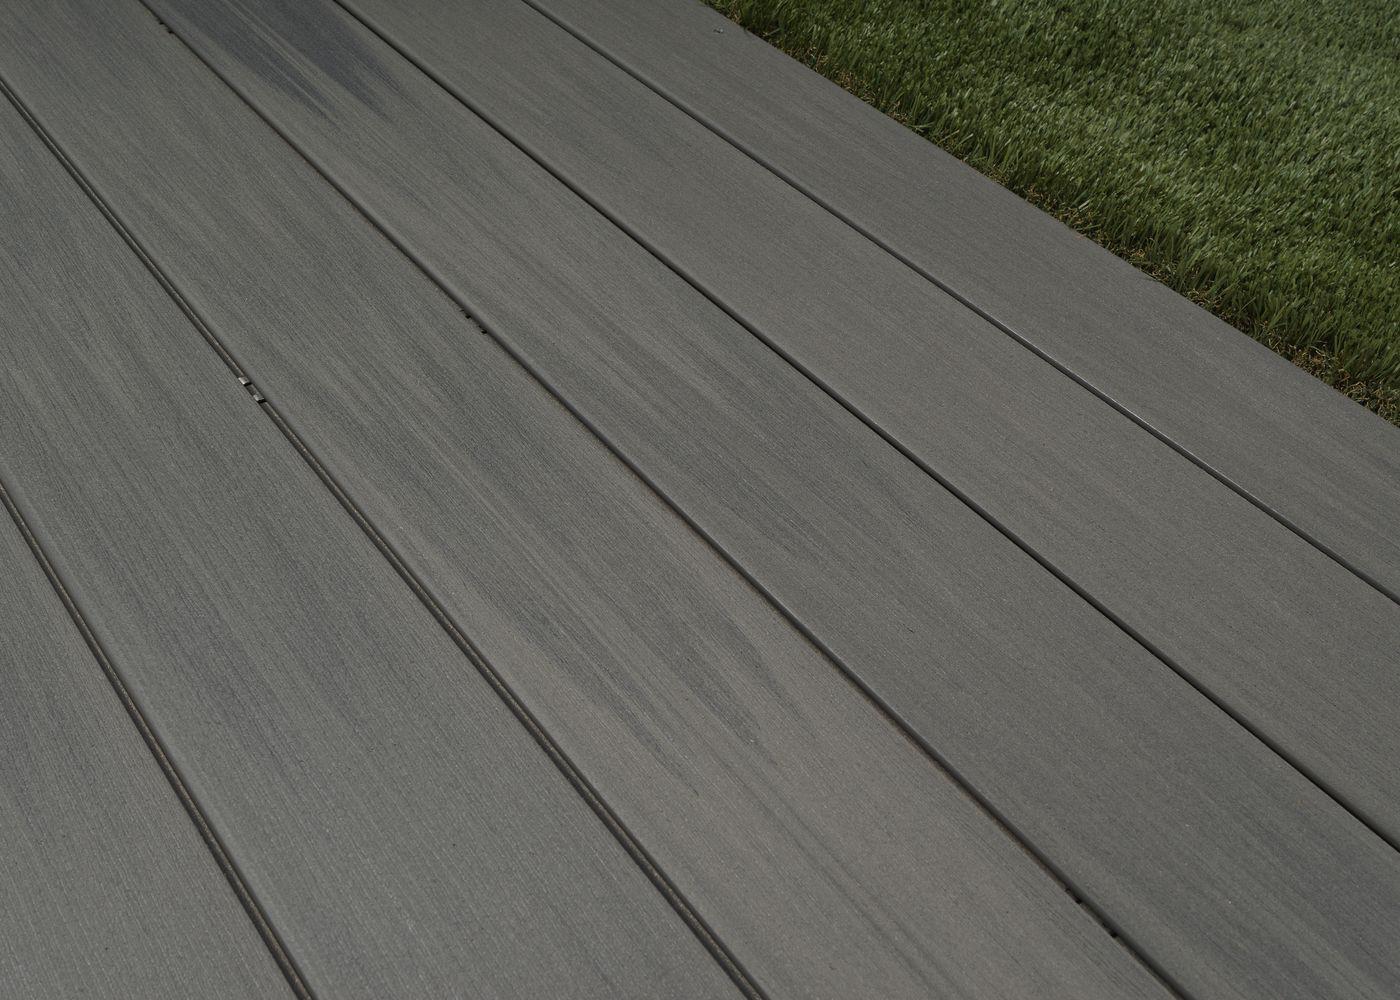 Lame de terrasse bois composite co-extrudé brossé PEFC Gris Cayenne 23x138x4000